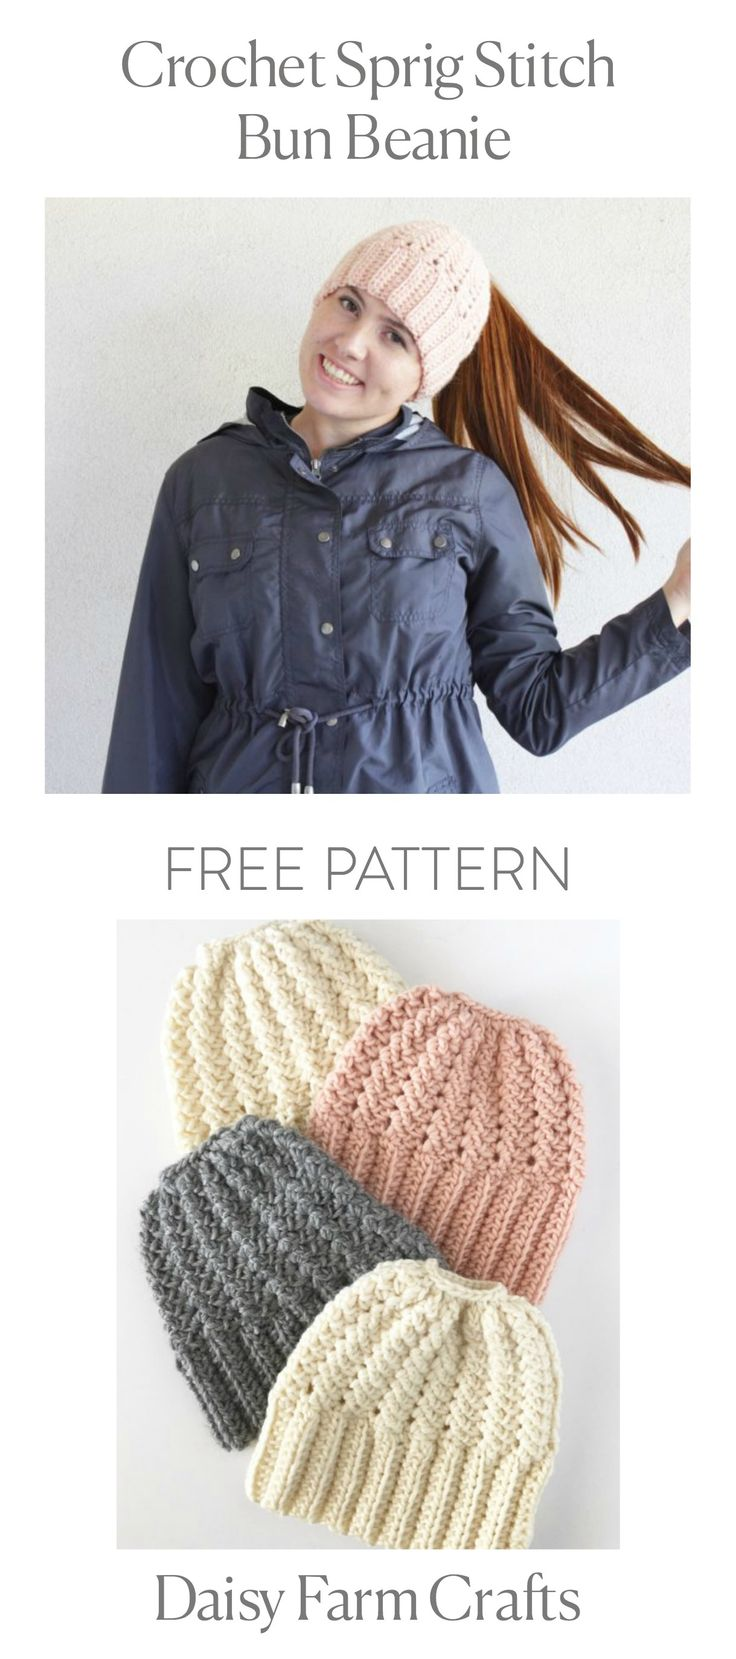 FREE PATTERN - Crochet Sprig Stitch Bun Beanie